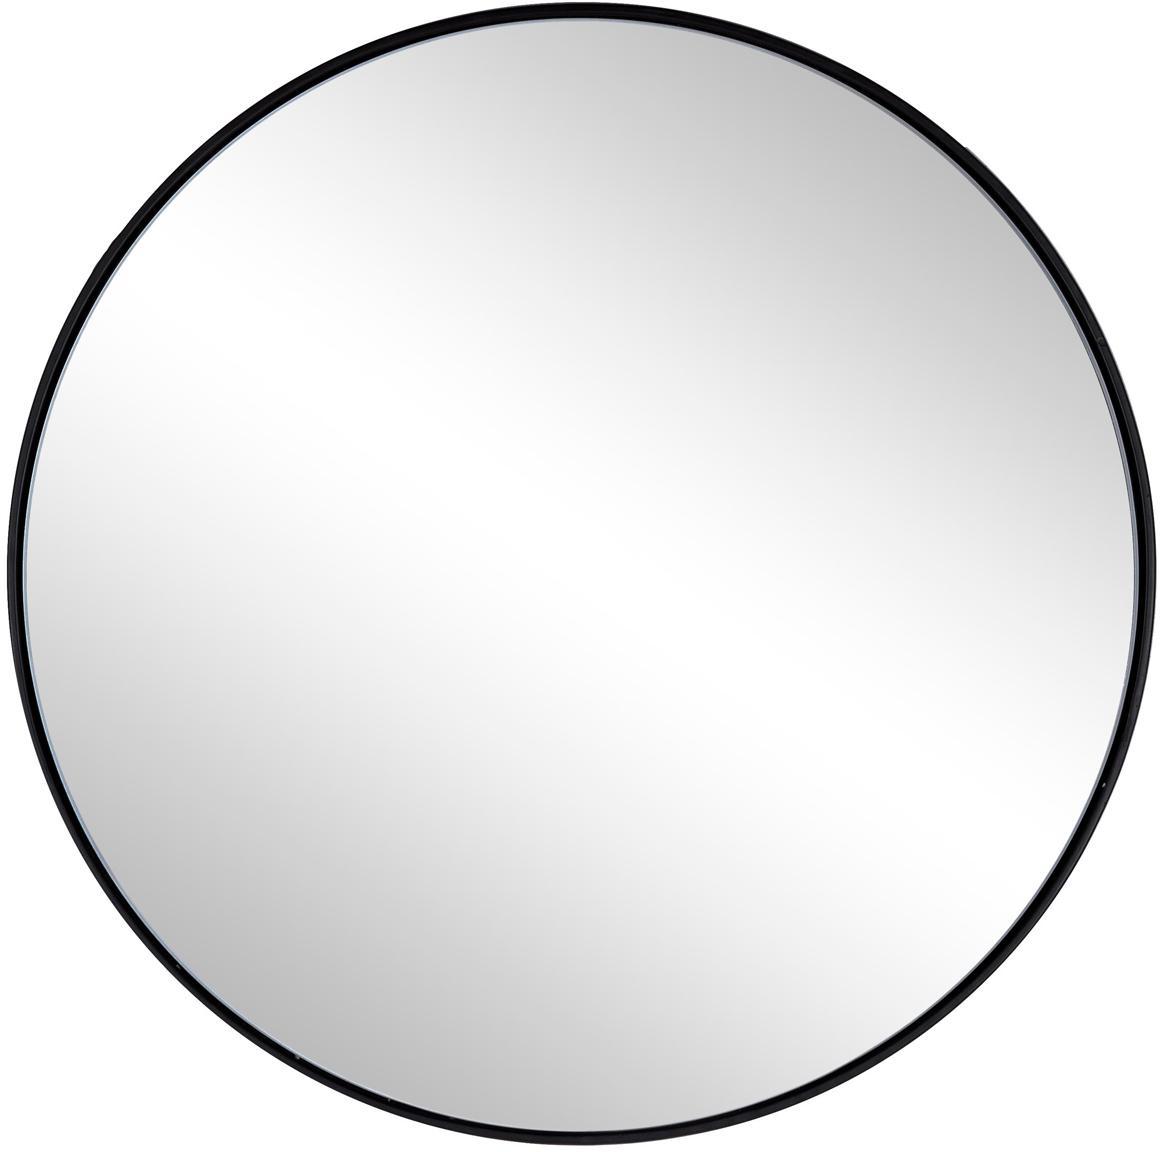 Specchio rotondo da parete con cornice in metallo nero Nucleos, Cornice: metallo rivestito, Superficie dello specchio: lastra di vetro, Nero, Ø 50 cm